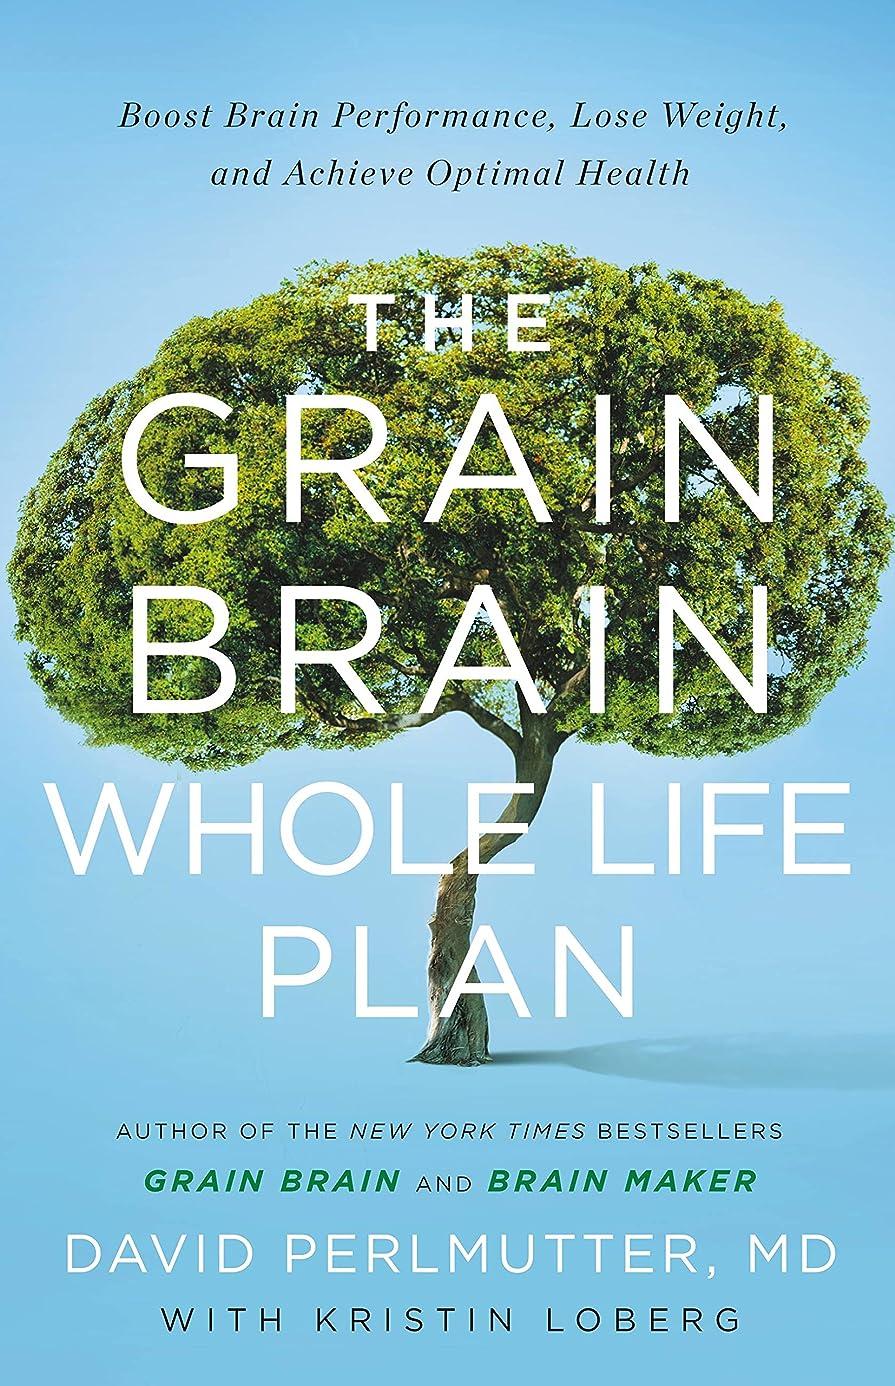 エクスタシージャケット髄The Grain Brain Whole Life Plan: Boost Brain Performance, Lose Weight, and Achieve Optimal Health (English Edition)